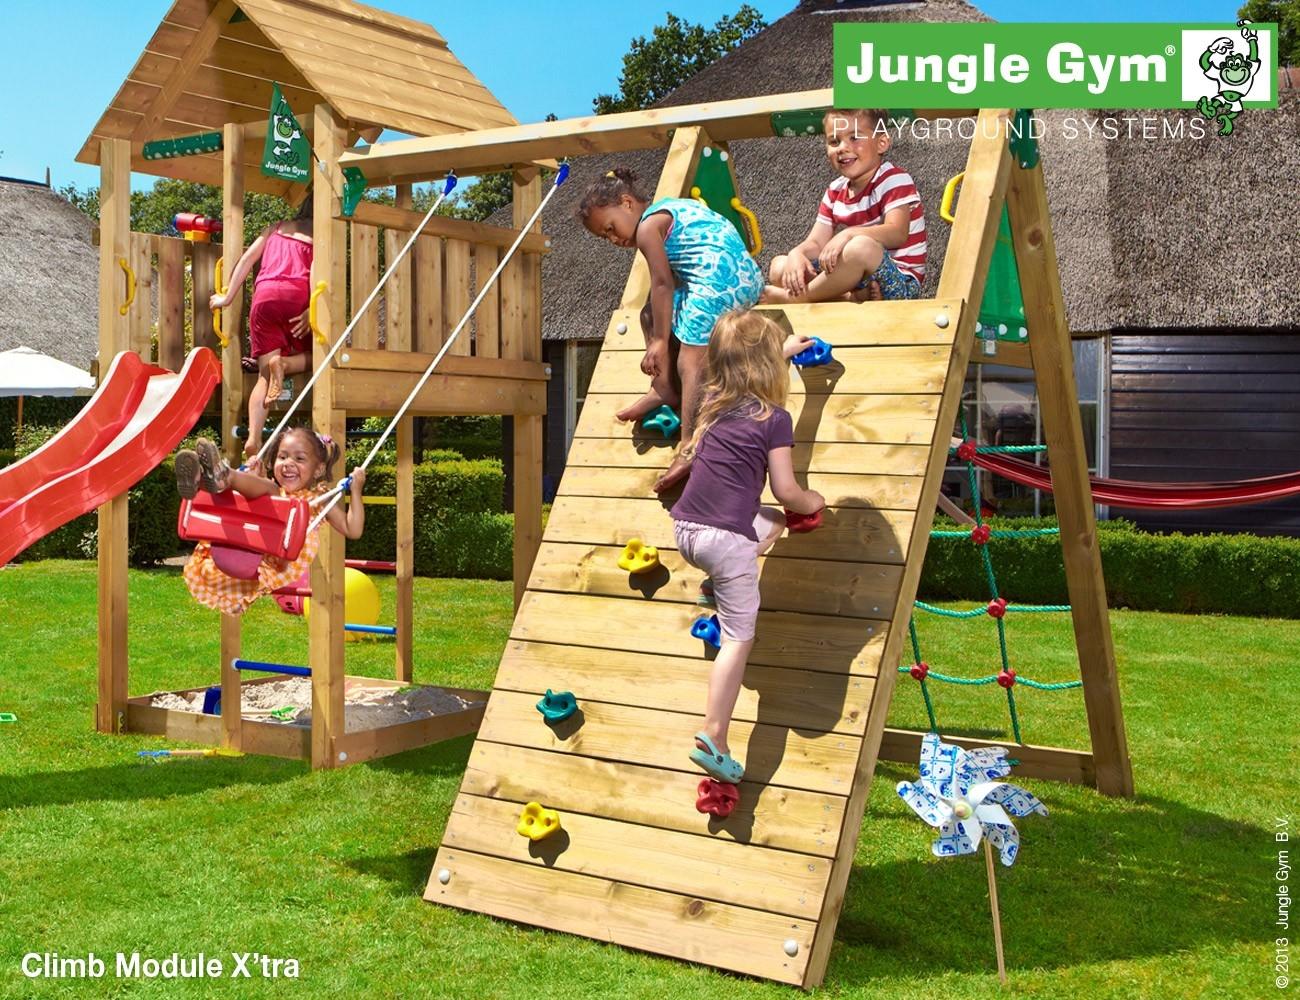 Jungle Gym   Climb Module X'tra   DeLuxe